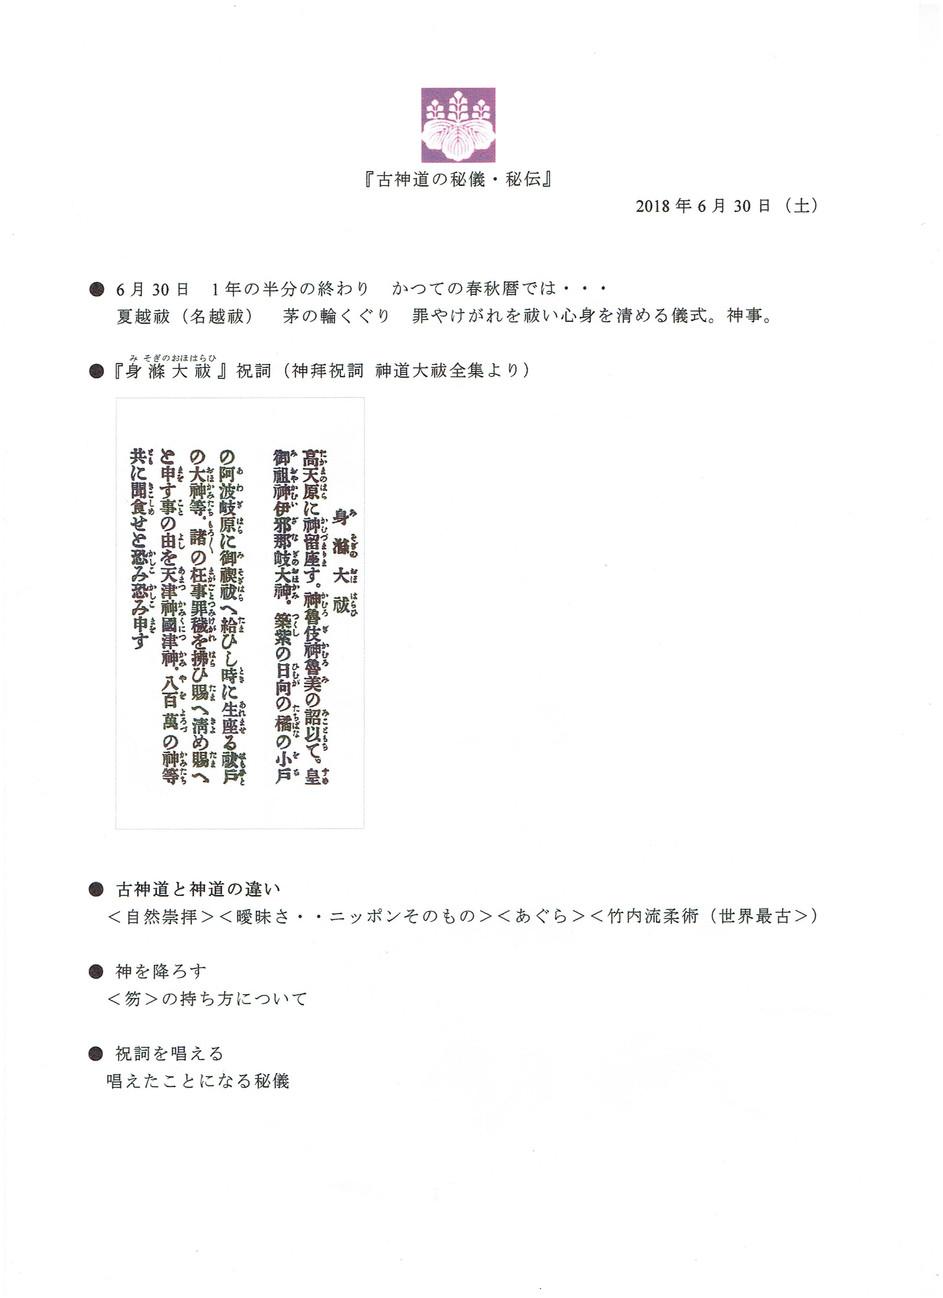 2018年6月30日 古神道の秘儀・秘伝-2